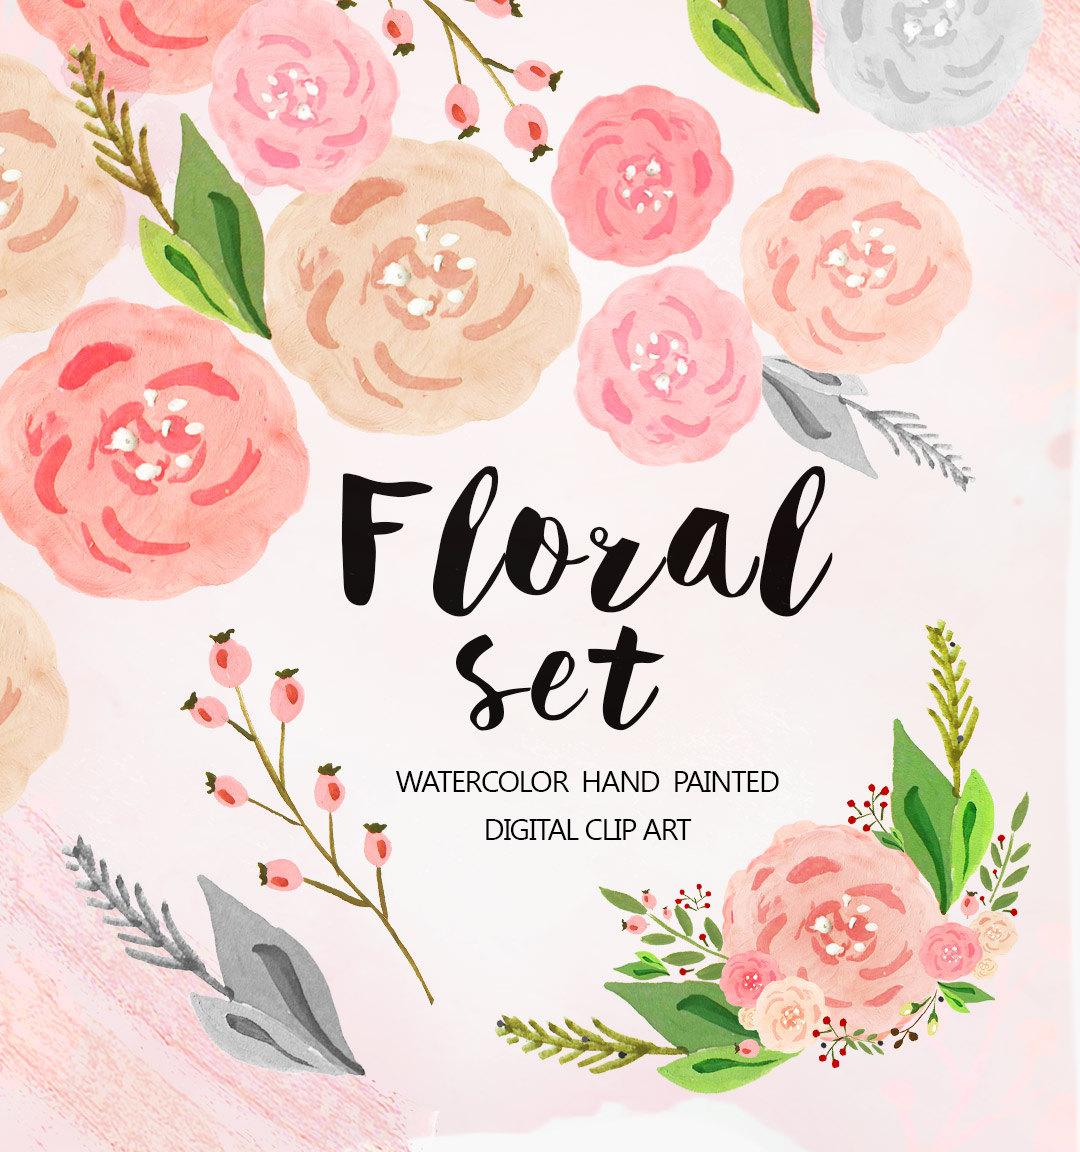 Flower clipart pastel color image transparent Watercolor Flower Clipart Wedding floral Clip art pastel image transparent